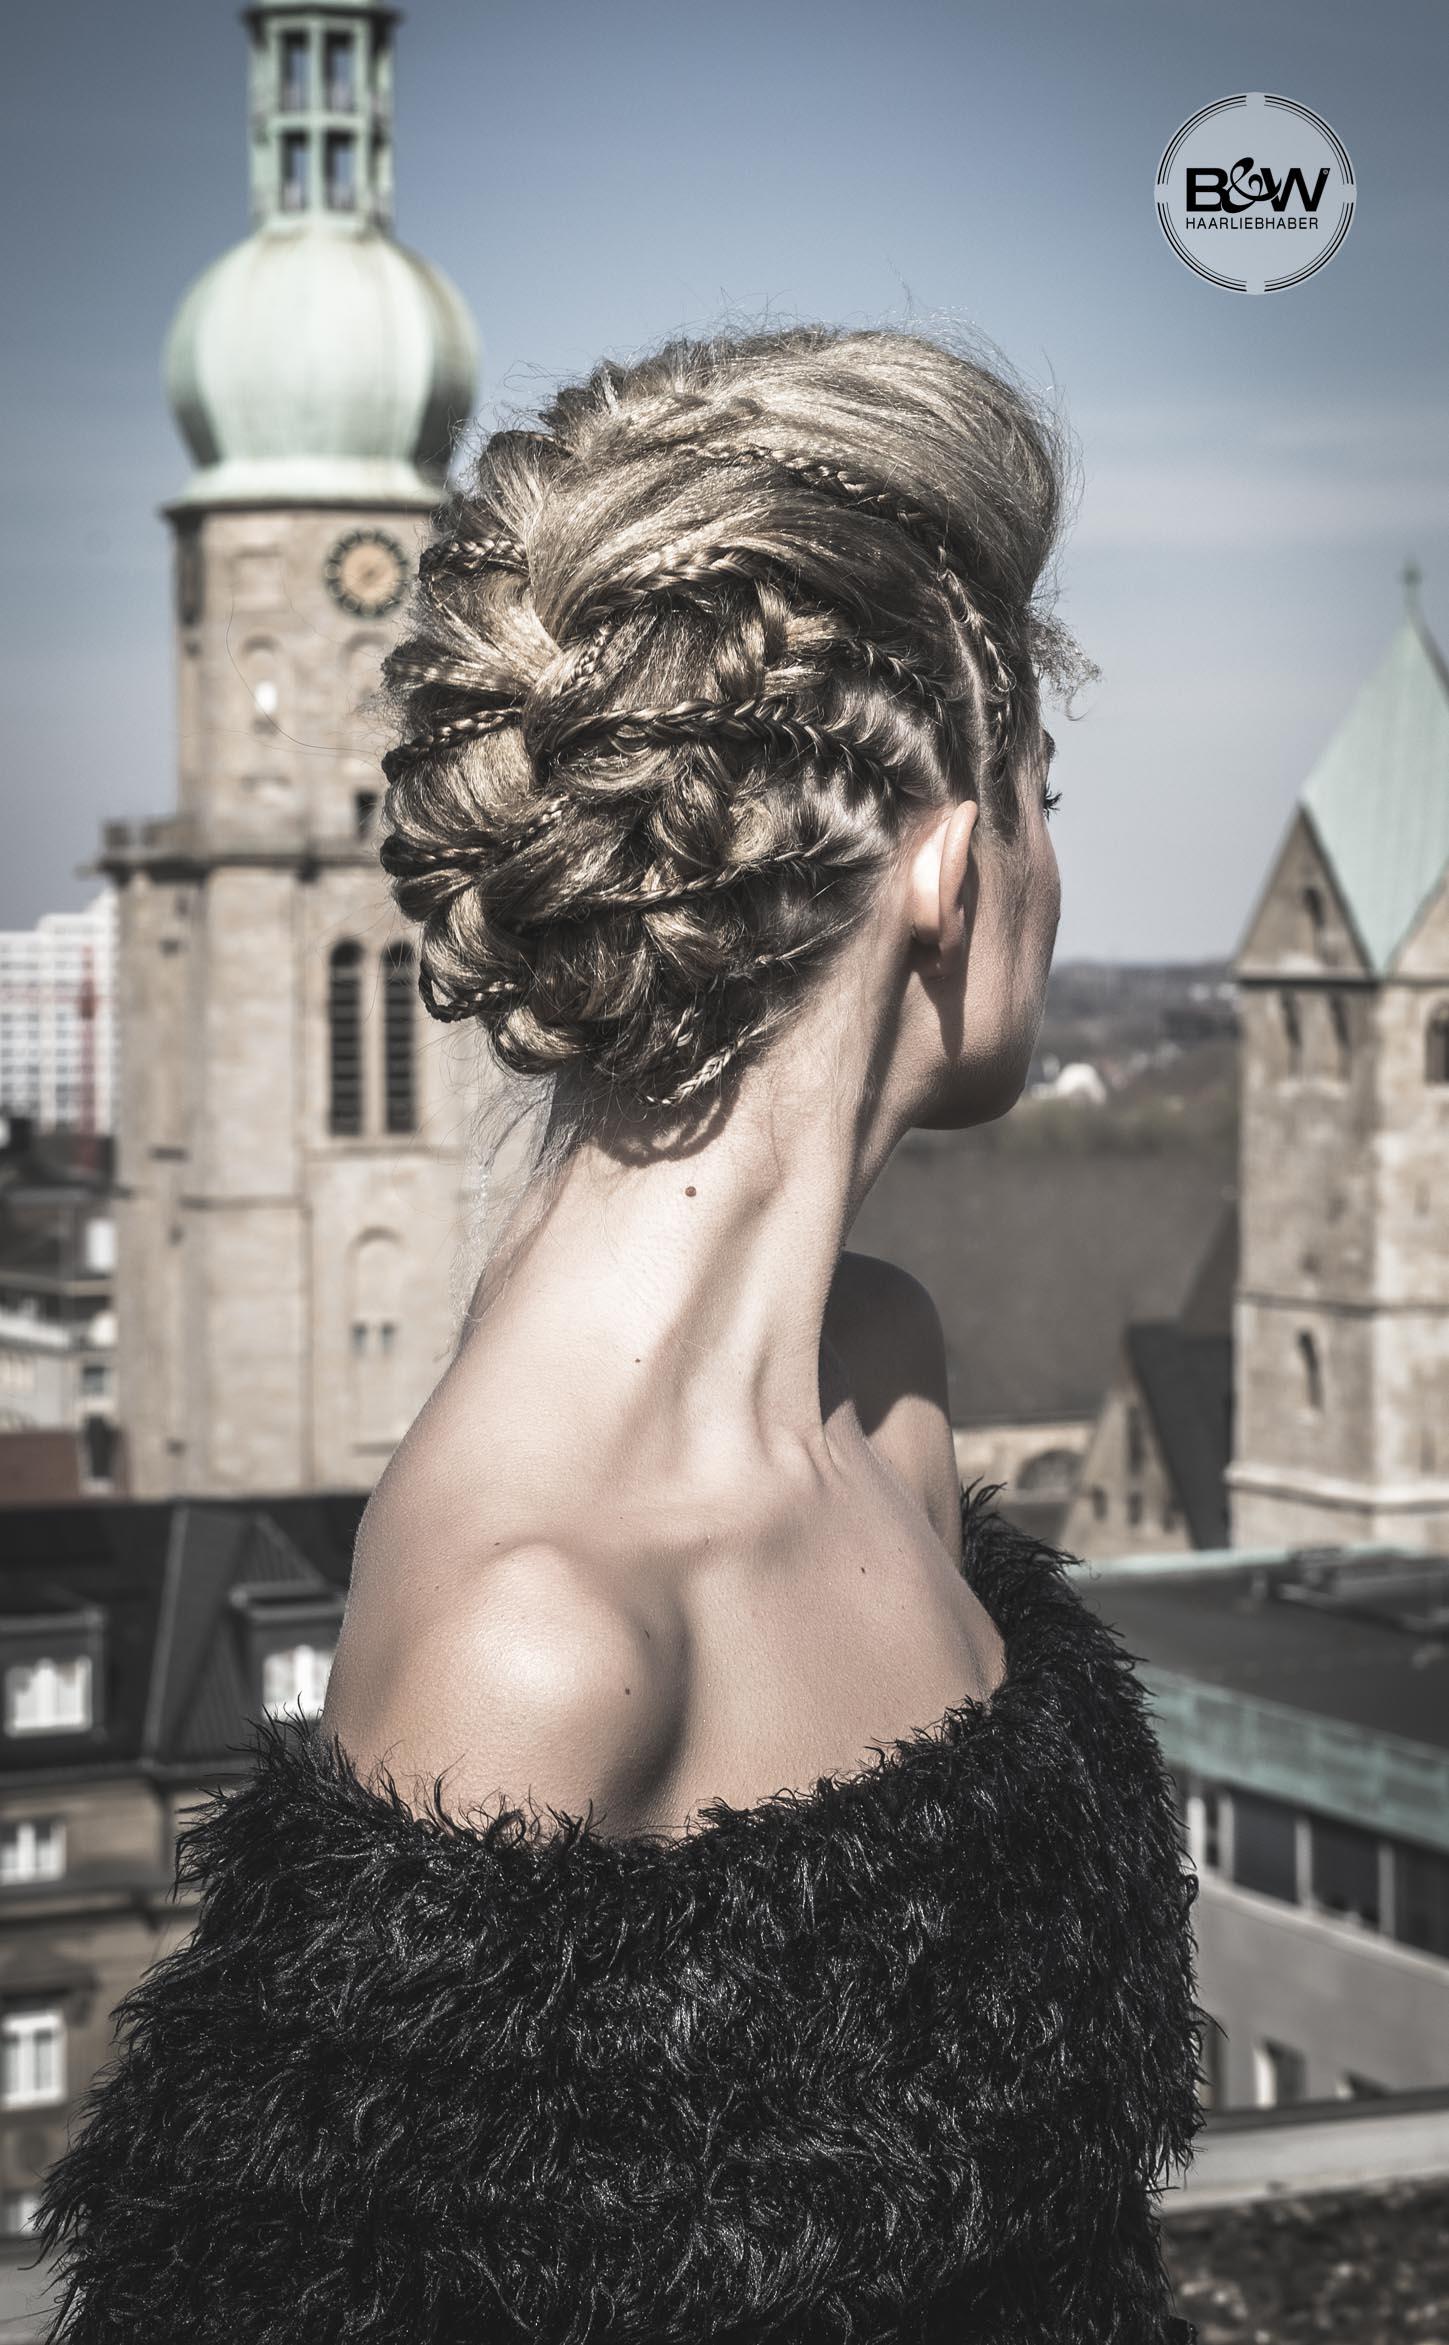 47_B&W-Friseure_Haarliebhaber_Friseur-Dortmund_Kosmetikprodukt_beste-Haarpflege_bester-Friseur_Malvins_at-malvins_Haar_styling_Deutschland_haarliebhaber